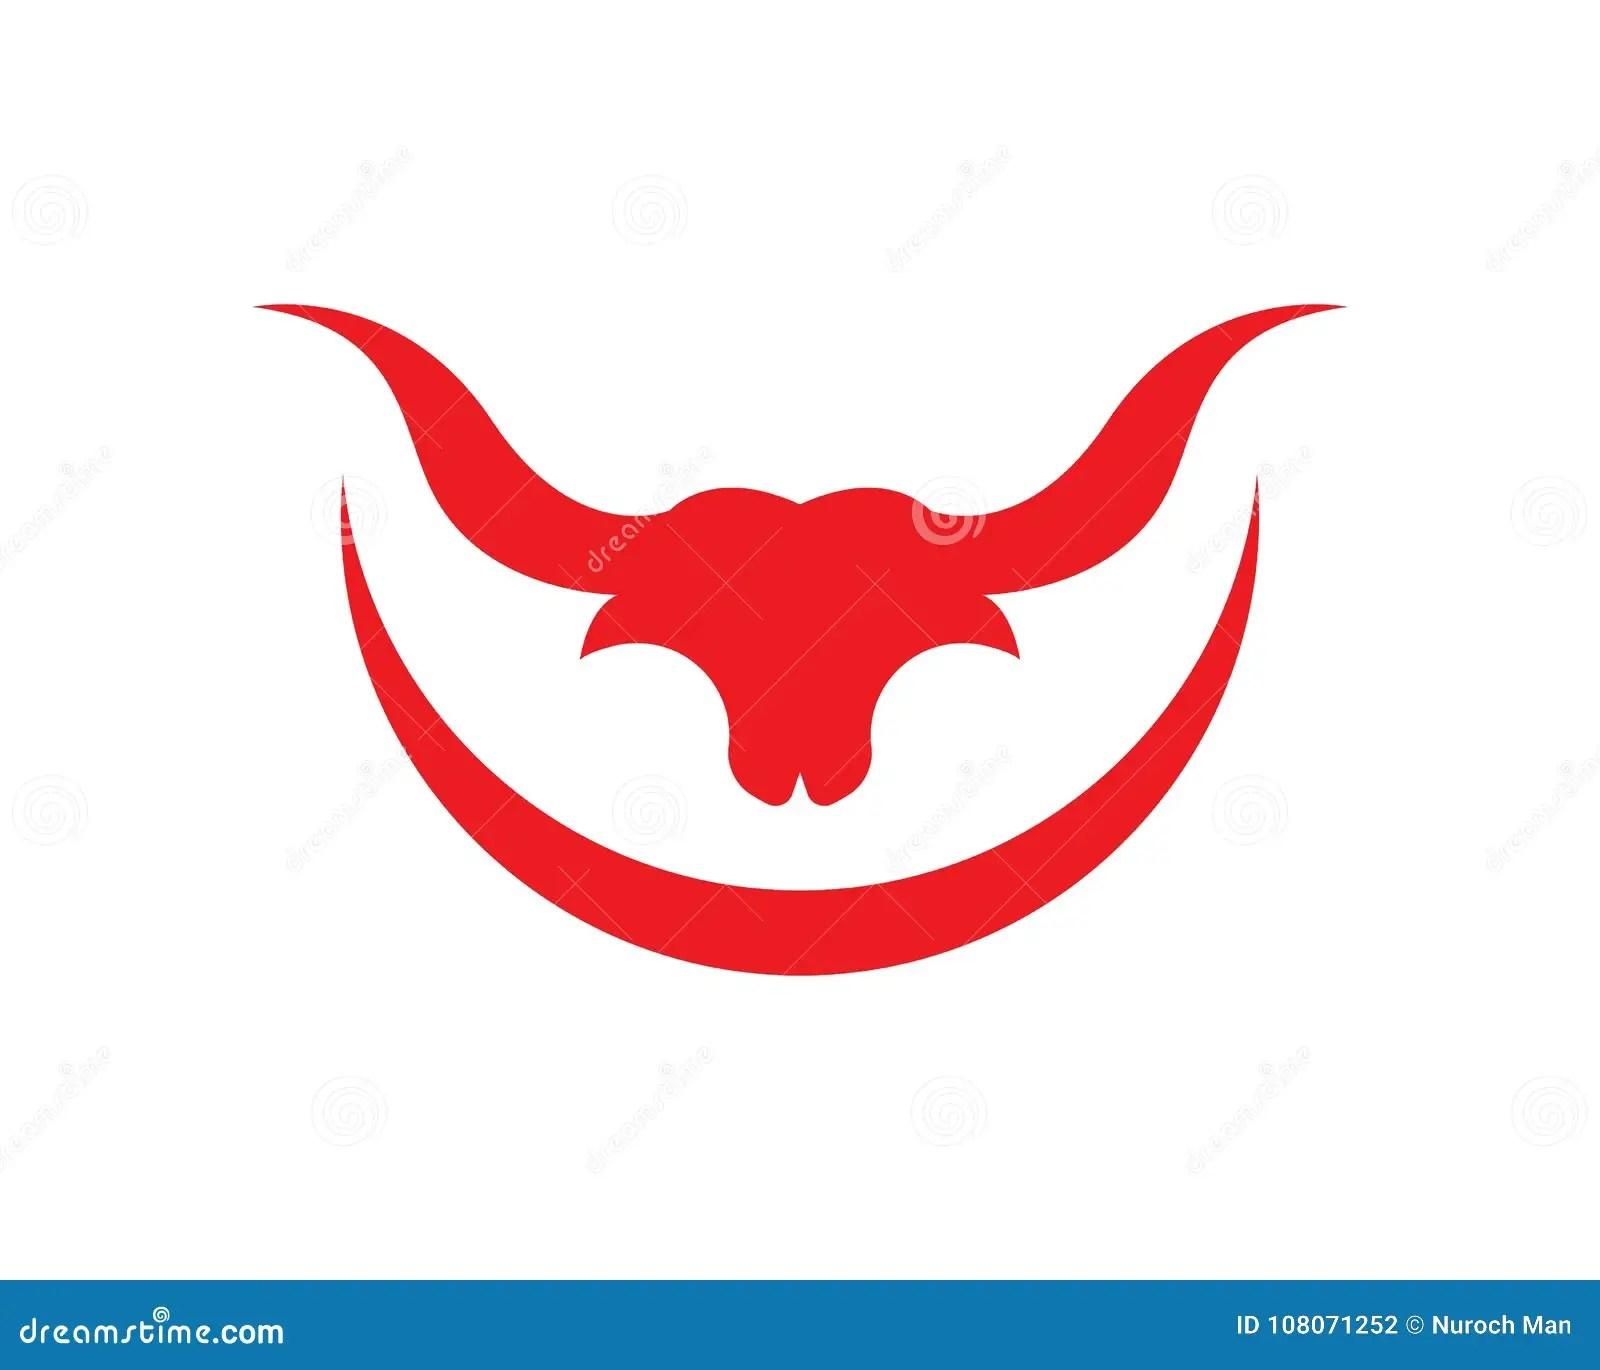 bull horn logos symbols